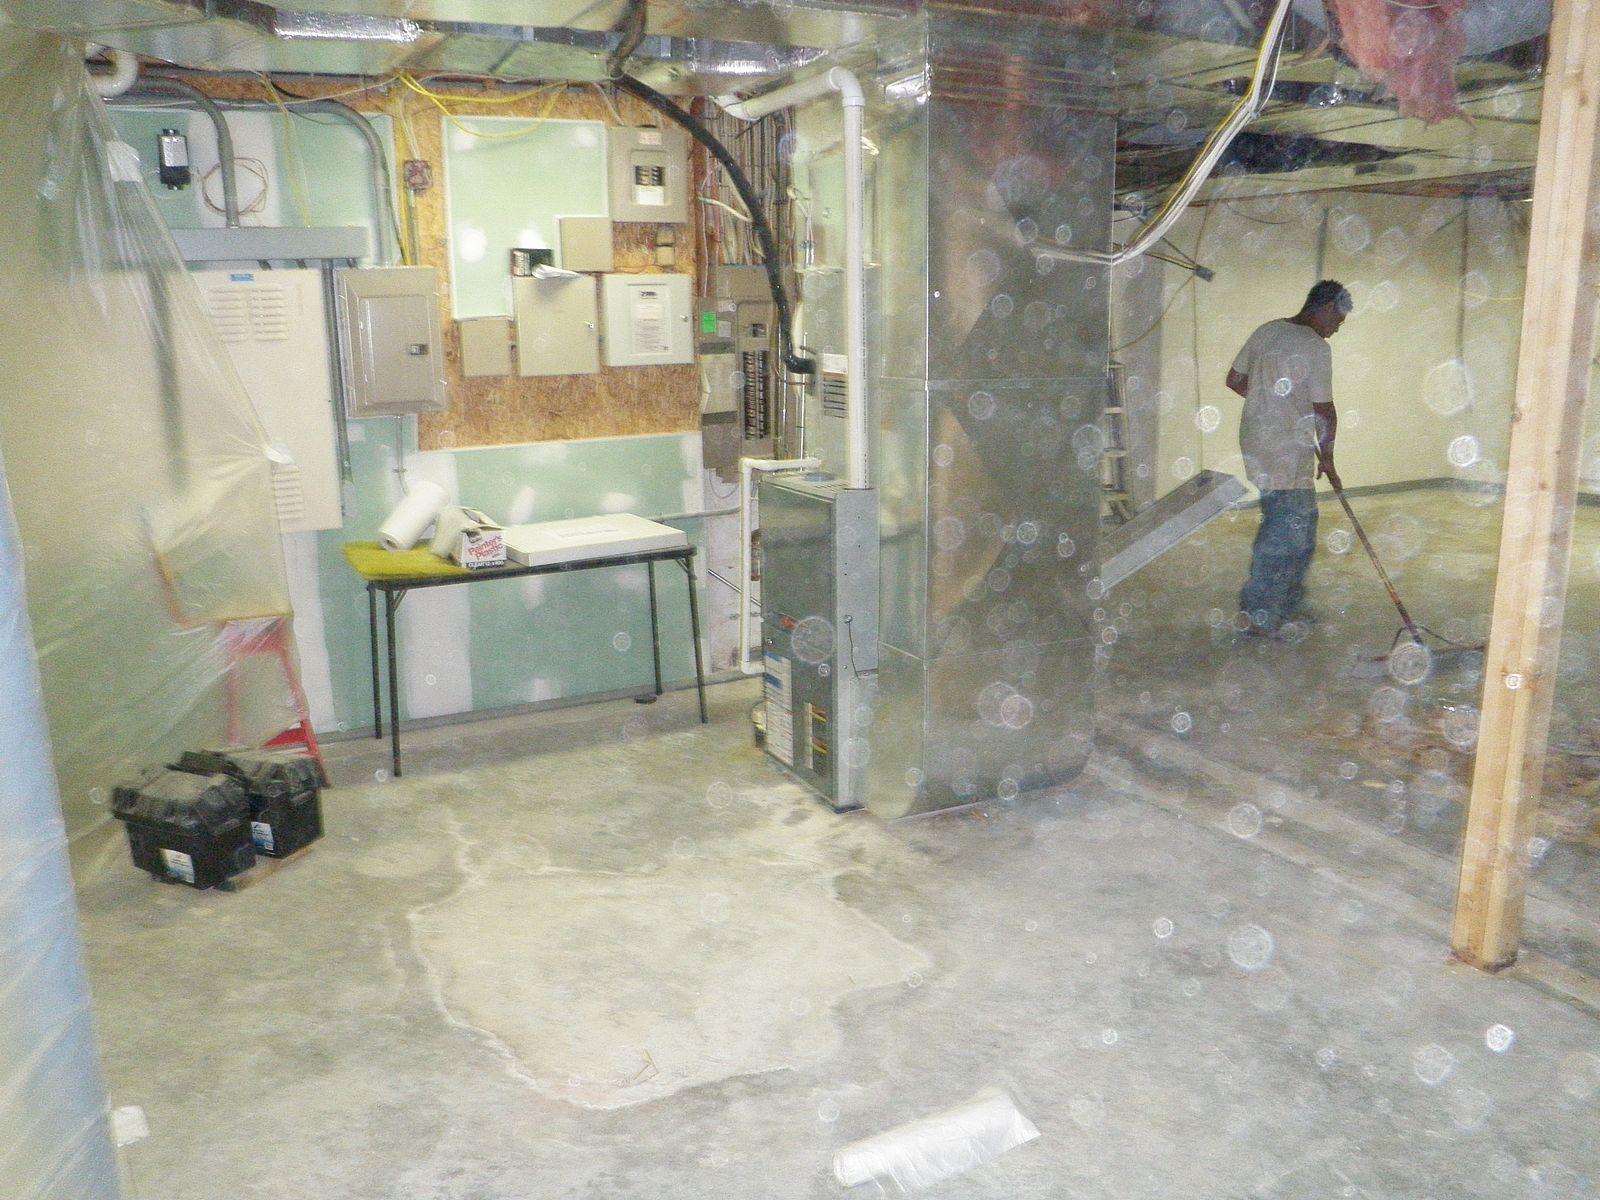 Restored basement in Middletown, Delaware - Before Photo